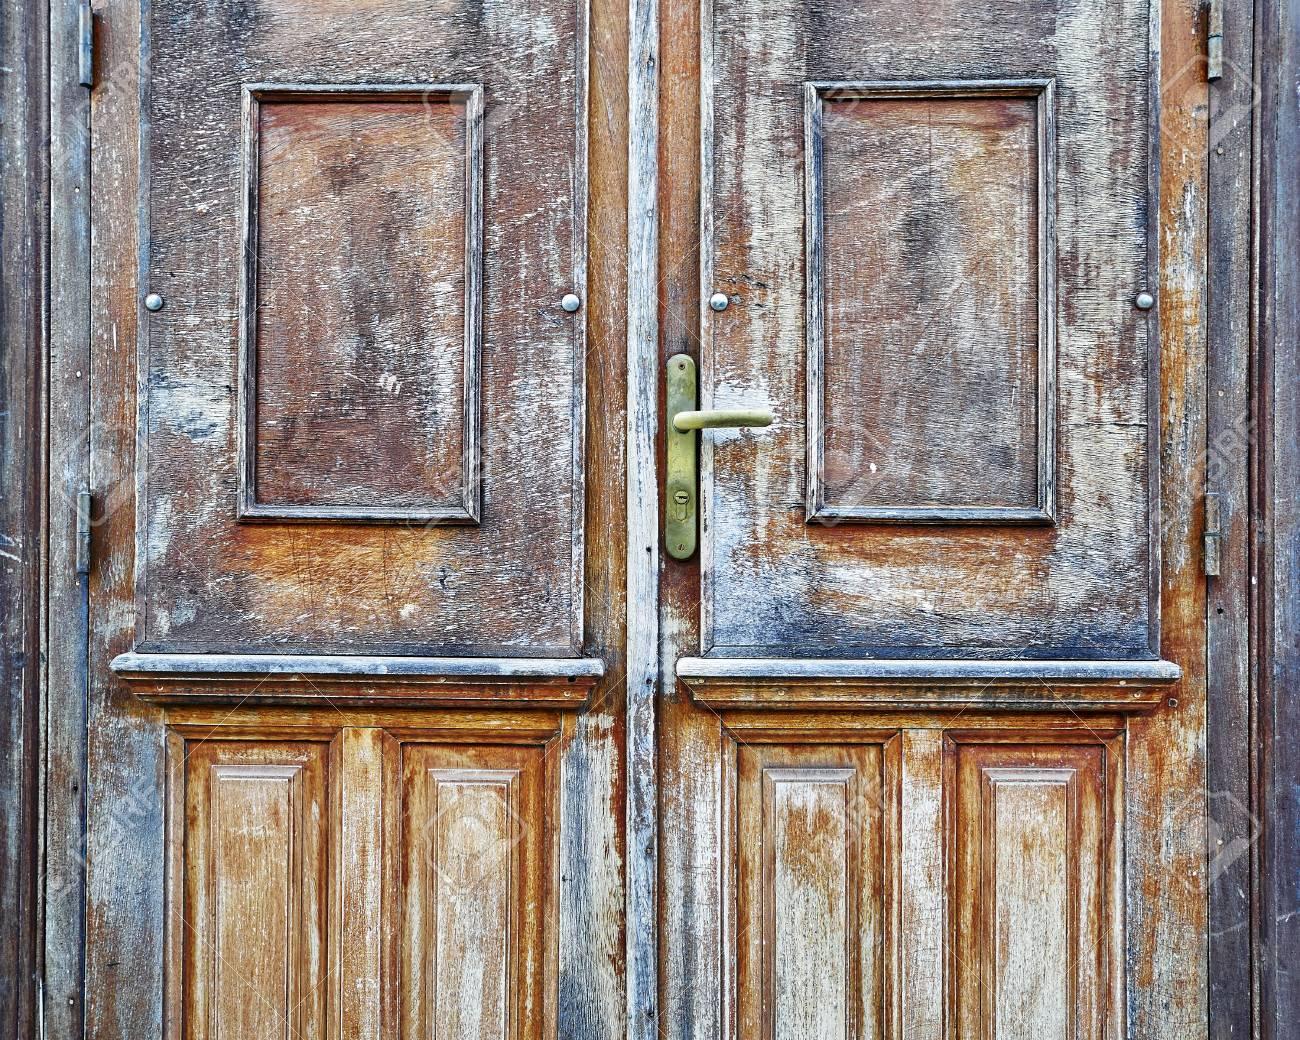 Porte In Legno Massello : Casa d epoca porte in legno massello foto royalty free immagini